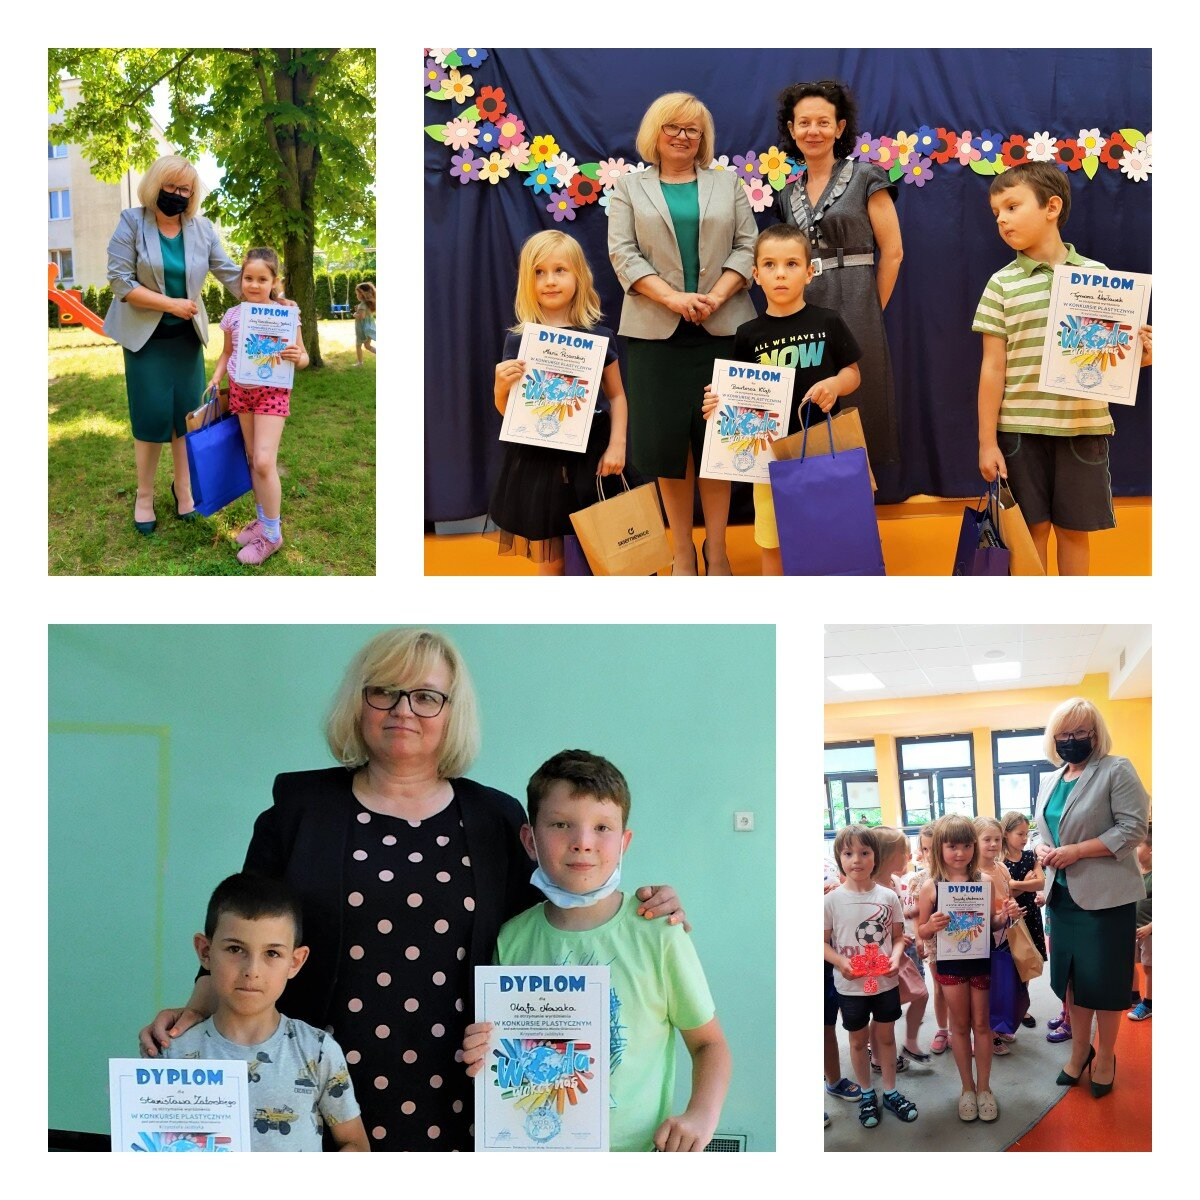 Na zdjęciach Dyrektor ds. Ekonomicznych Jolanta Gajda wręcza nagrody osobom wyróżnionym i pozuje z dziećmi trzymającymi dyplomy